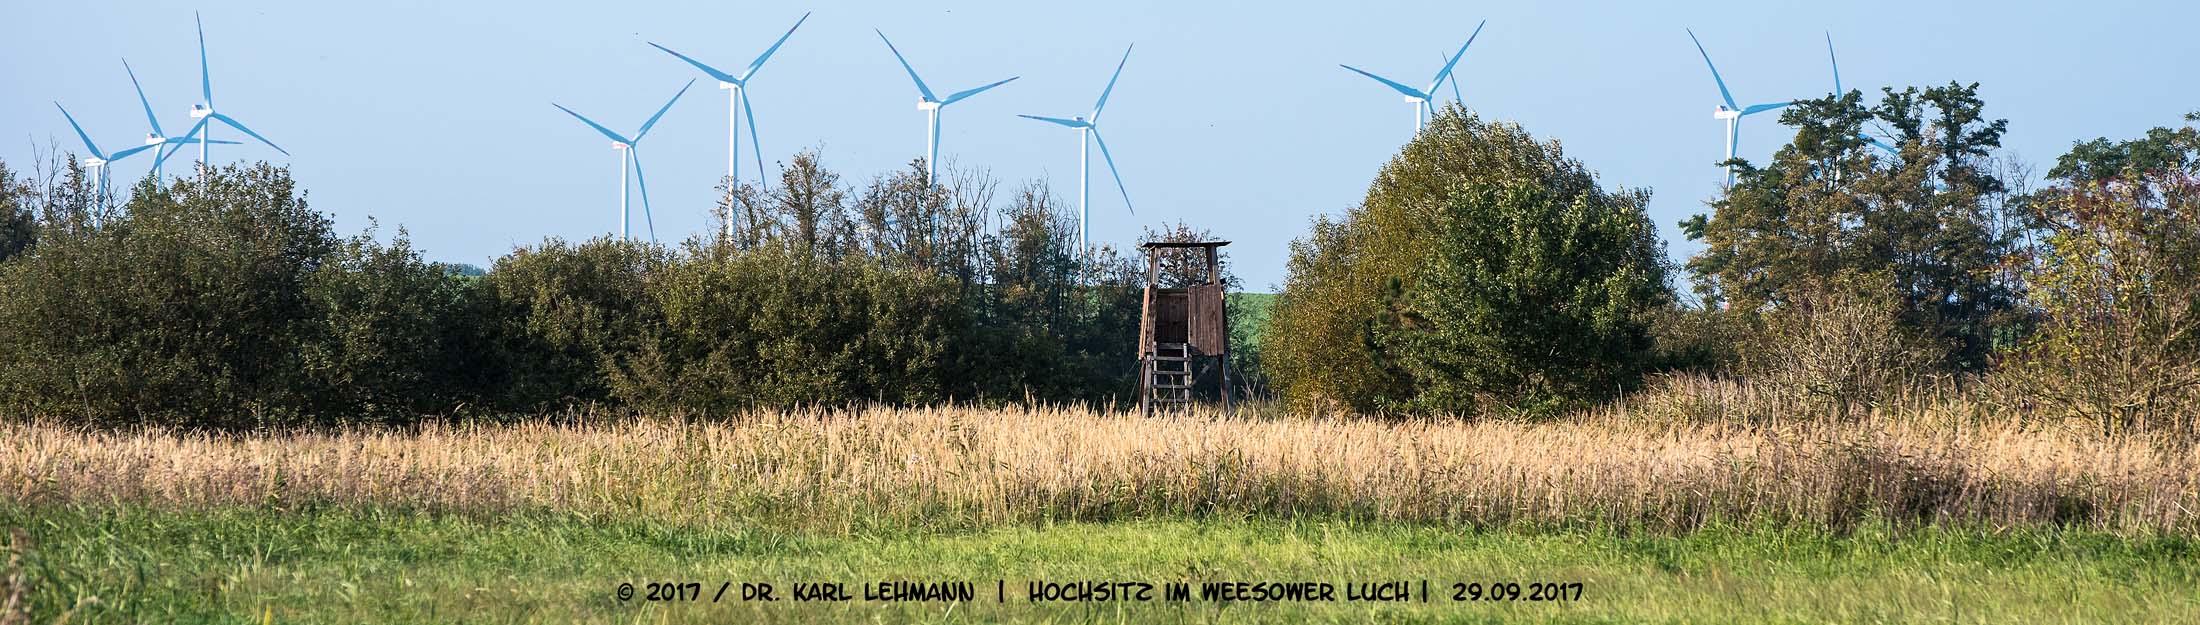 Beitragsbild Hochsitz im Weesower Luch